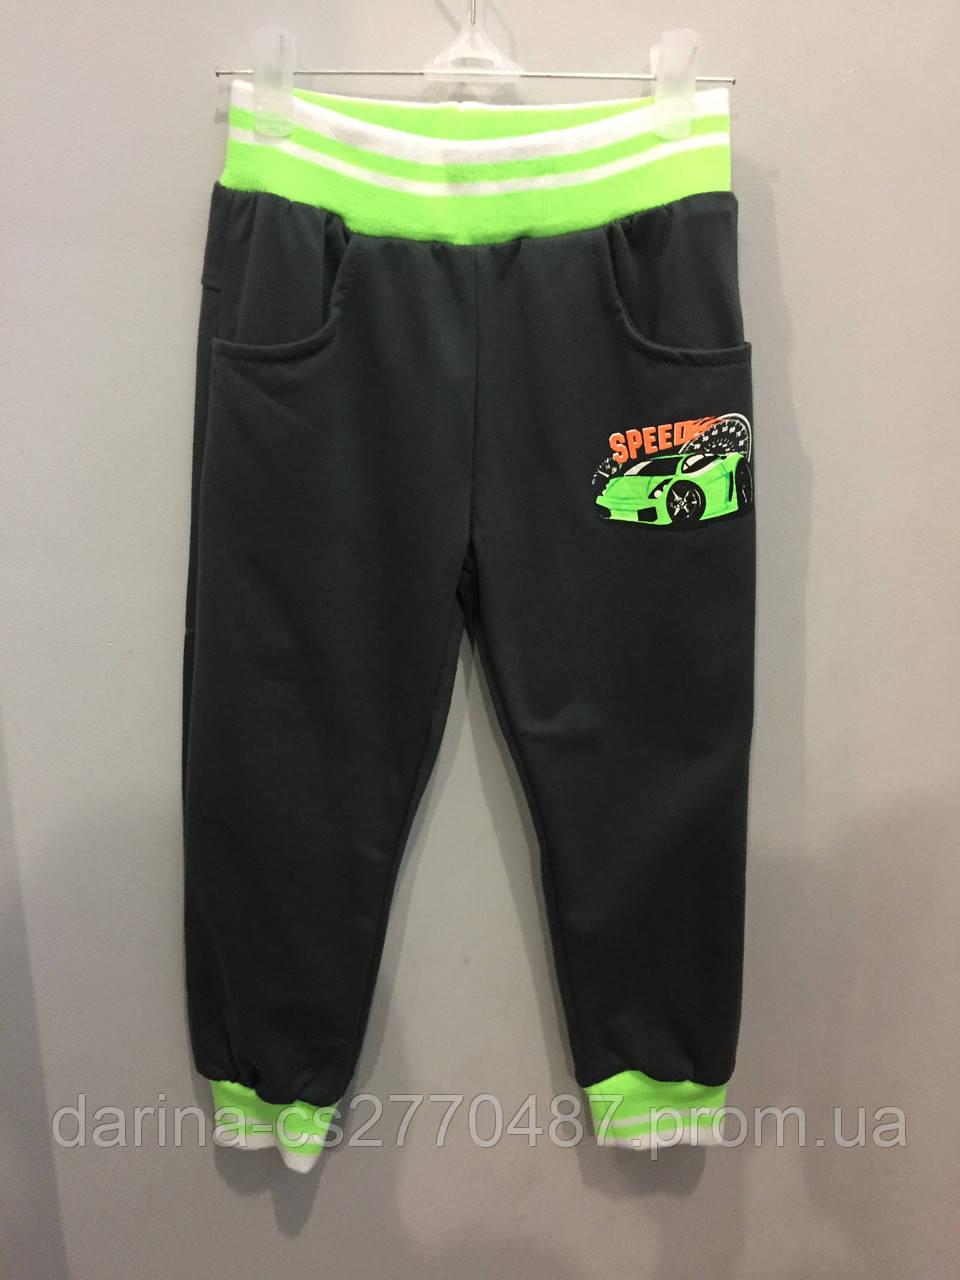 Детские спортивные штаны на мальчика 104 см